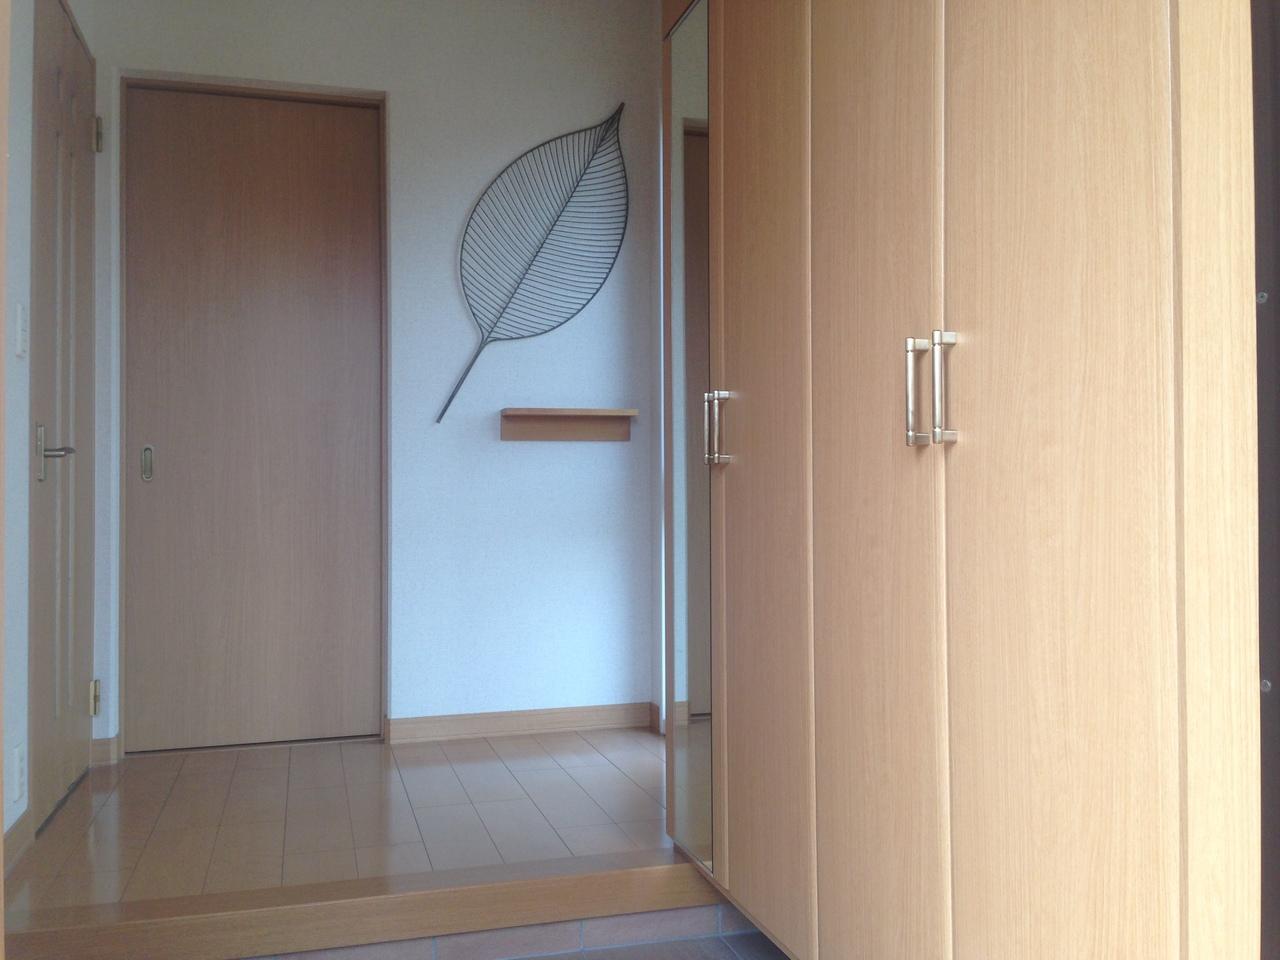 トールサイズの収納が完備されています。 また、玄関上がって正面の空間は納戸となっています」。